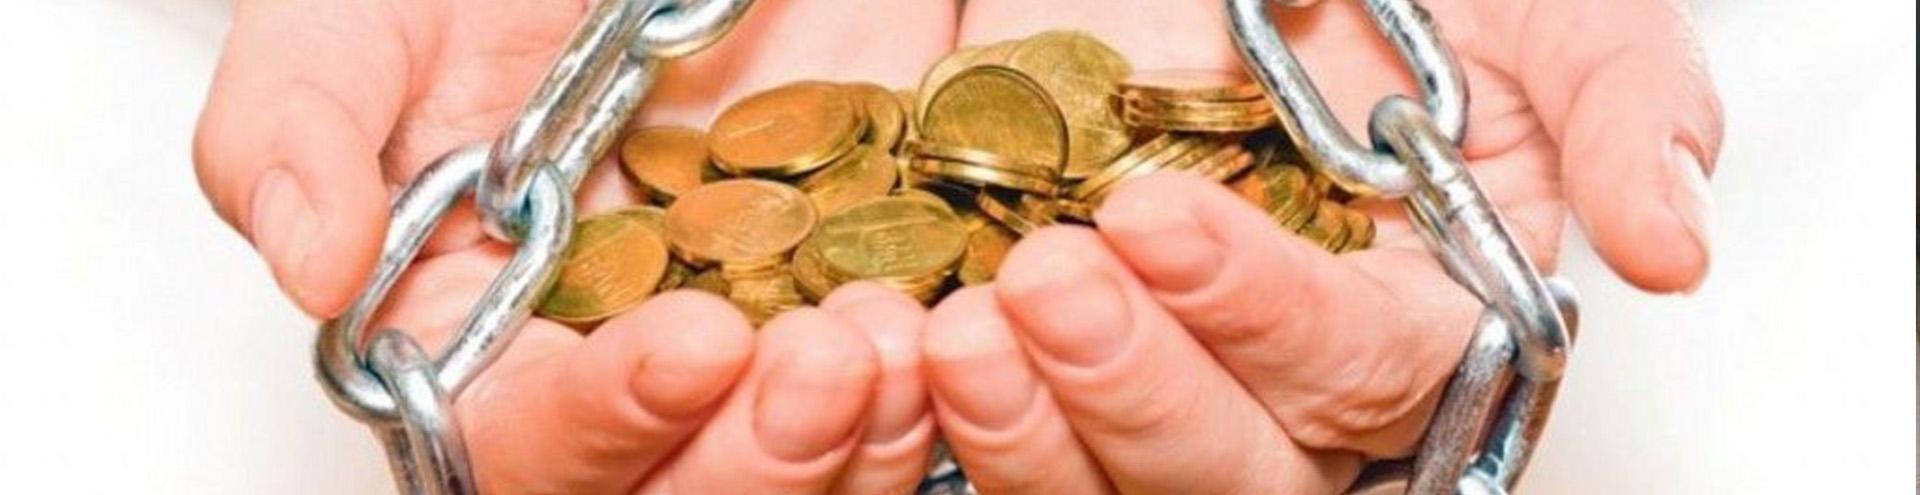 выкуп долга в Краснодаре